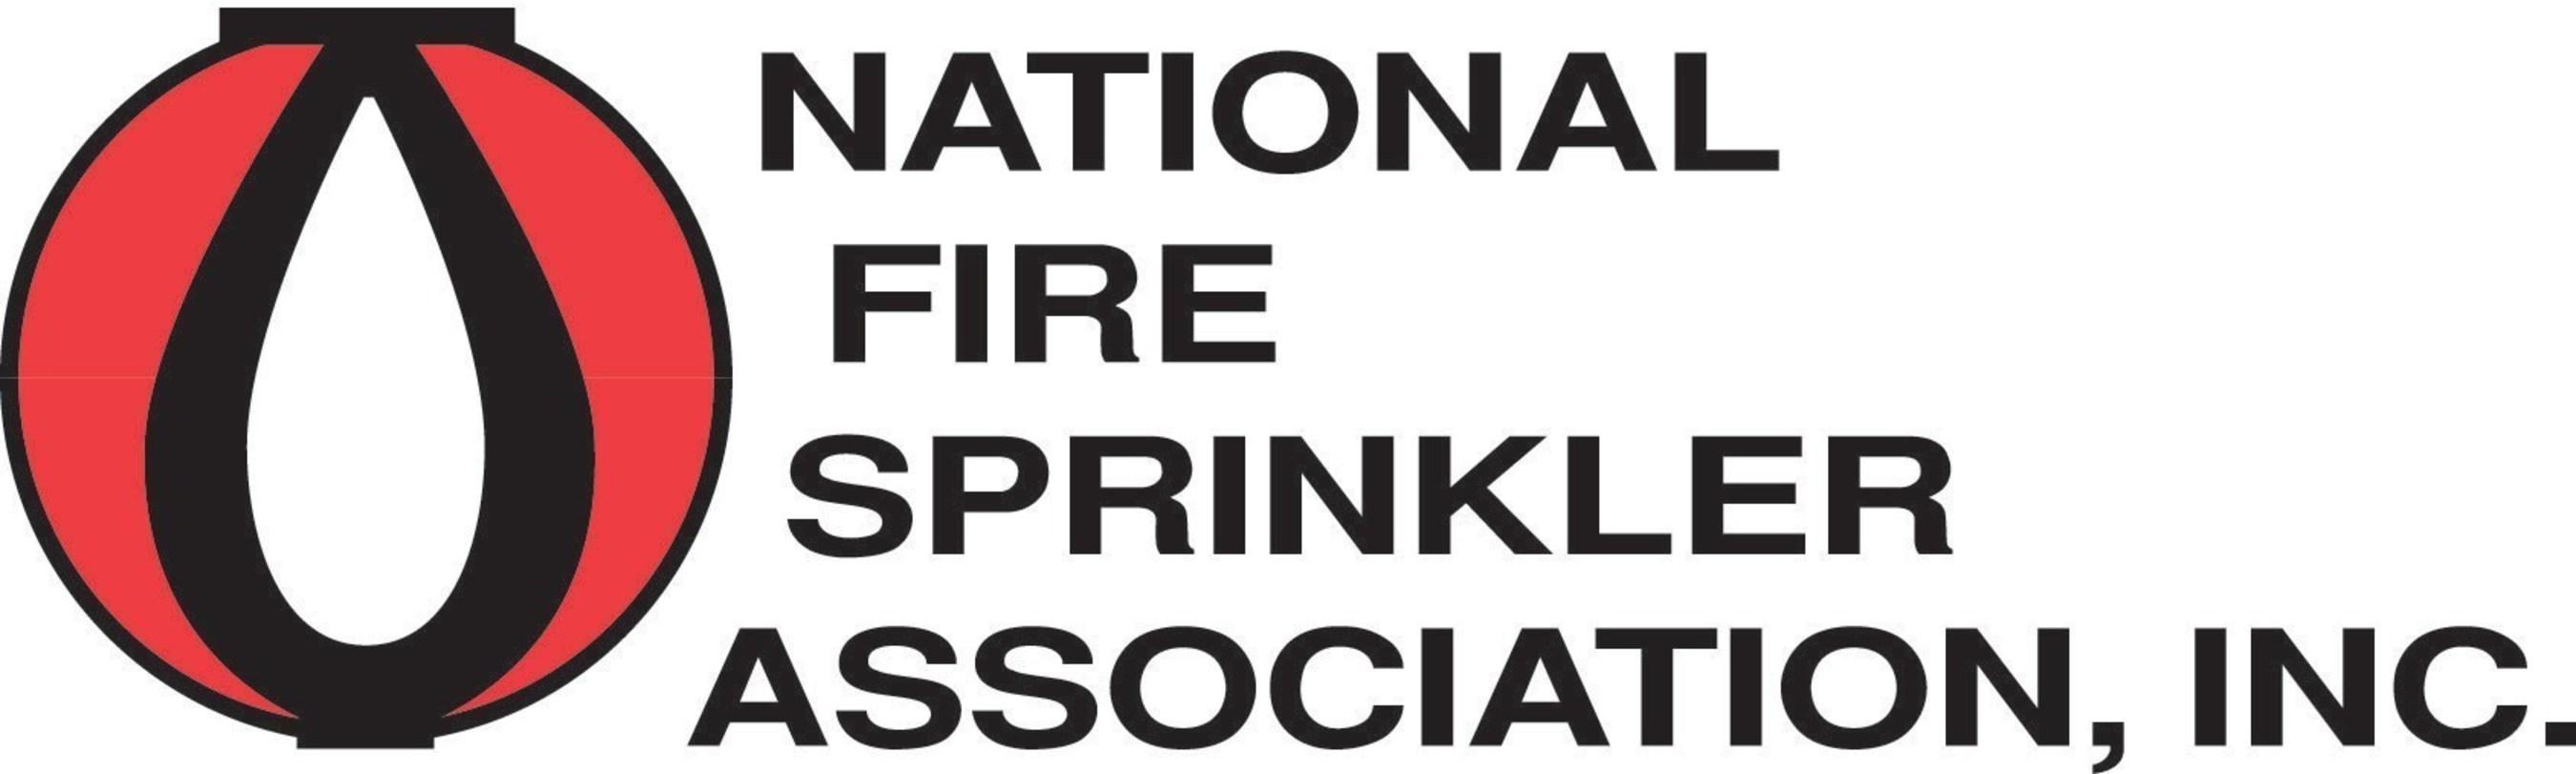 National Fire Sprinkler Association, Inc. Logo